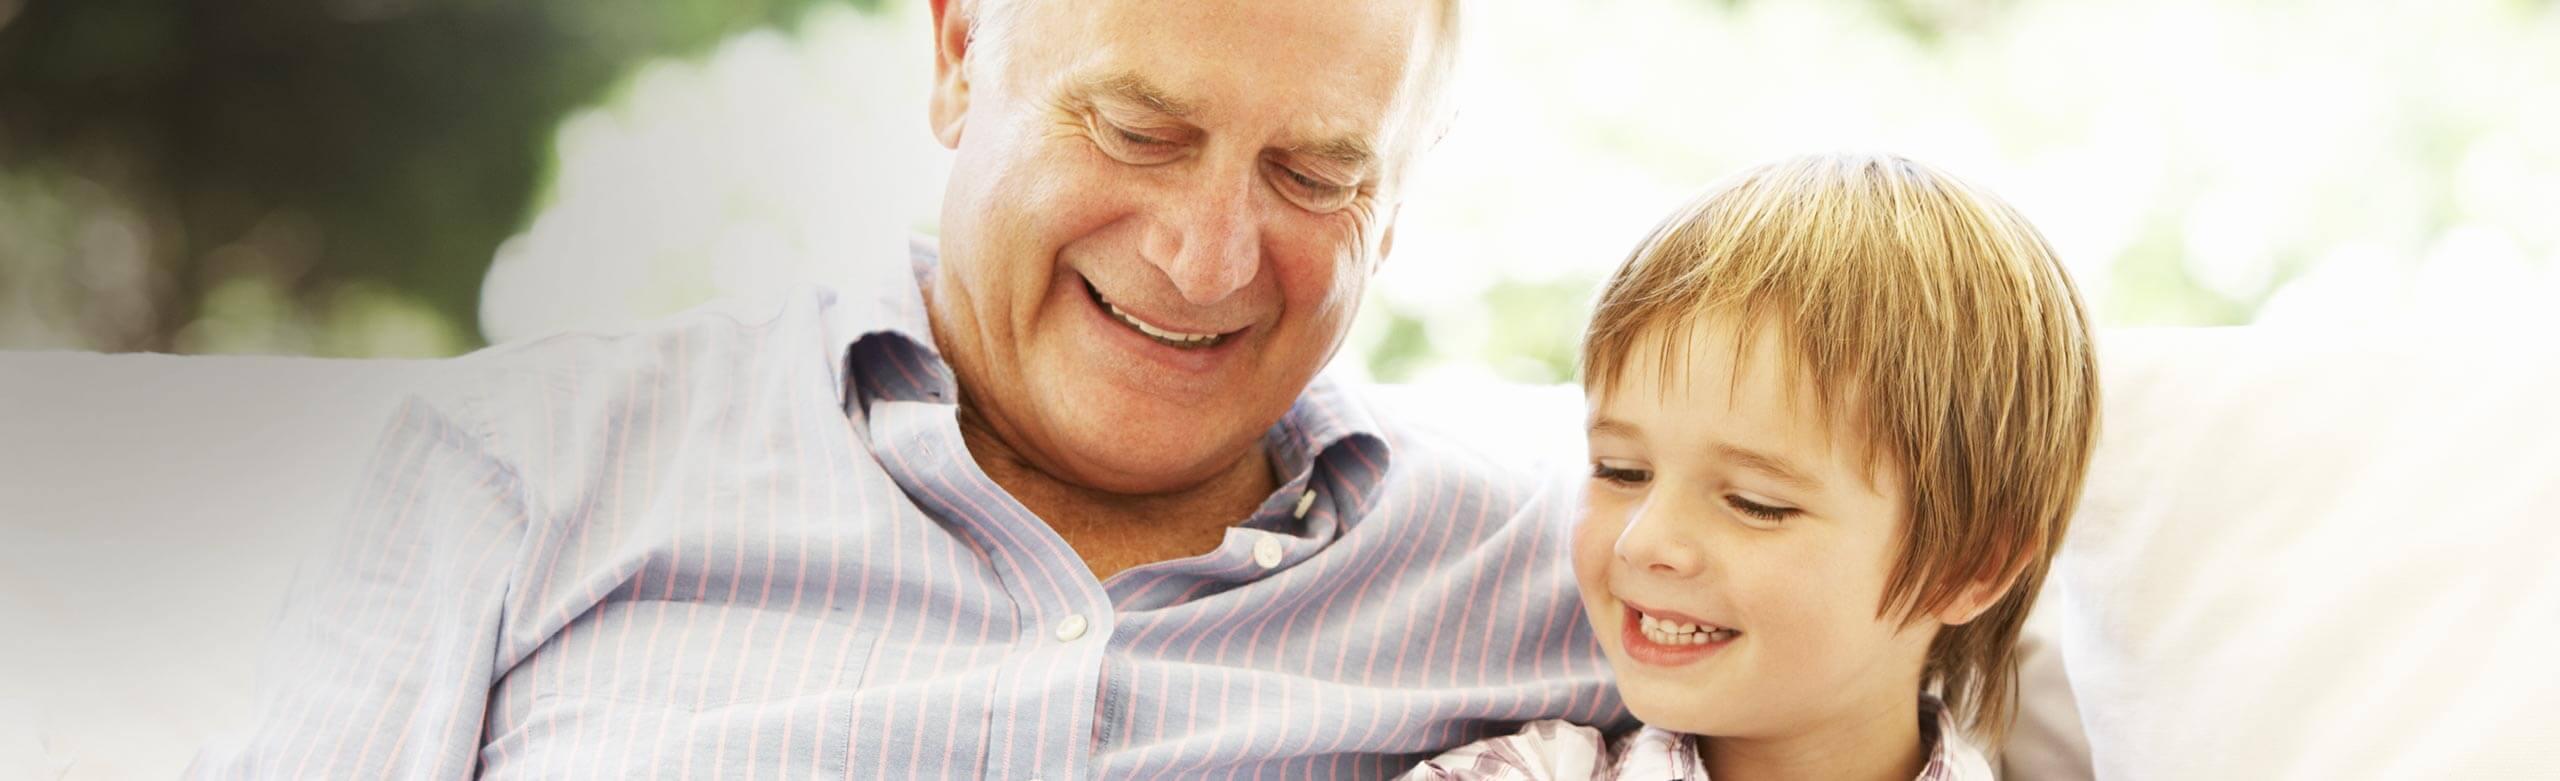 Imagen de un hombre y de un niño que ríen juntos.